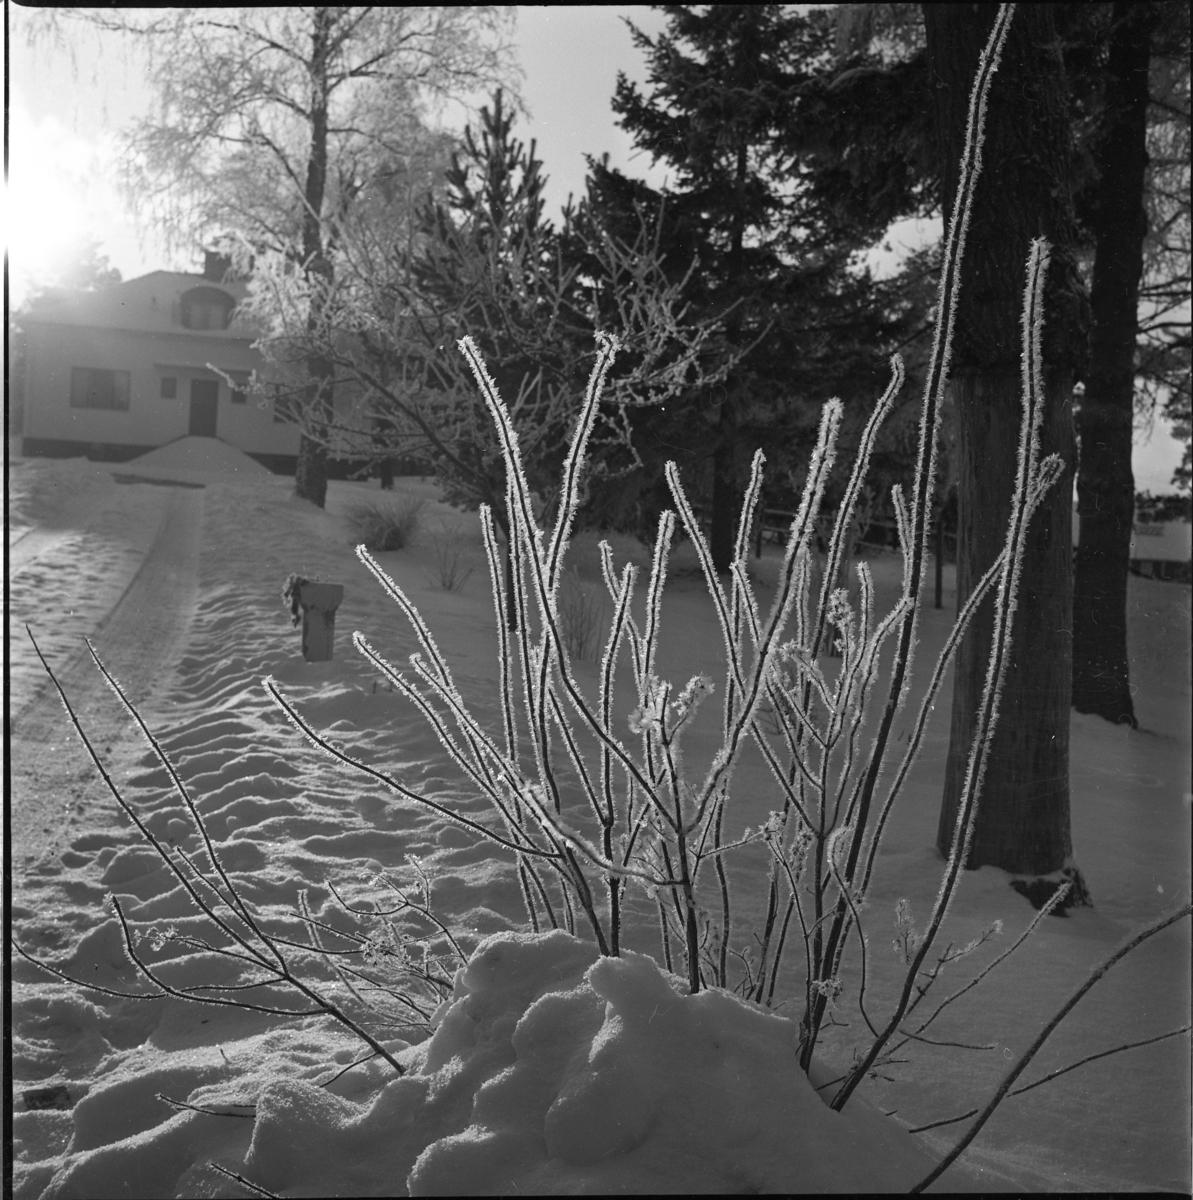 Vinterlandskap. En uppfart mot ett hus i motljus med en frostig buske i förgrunden.